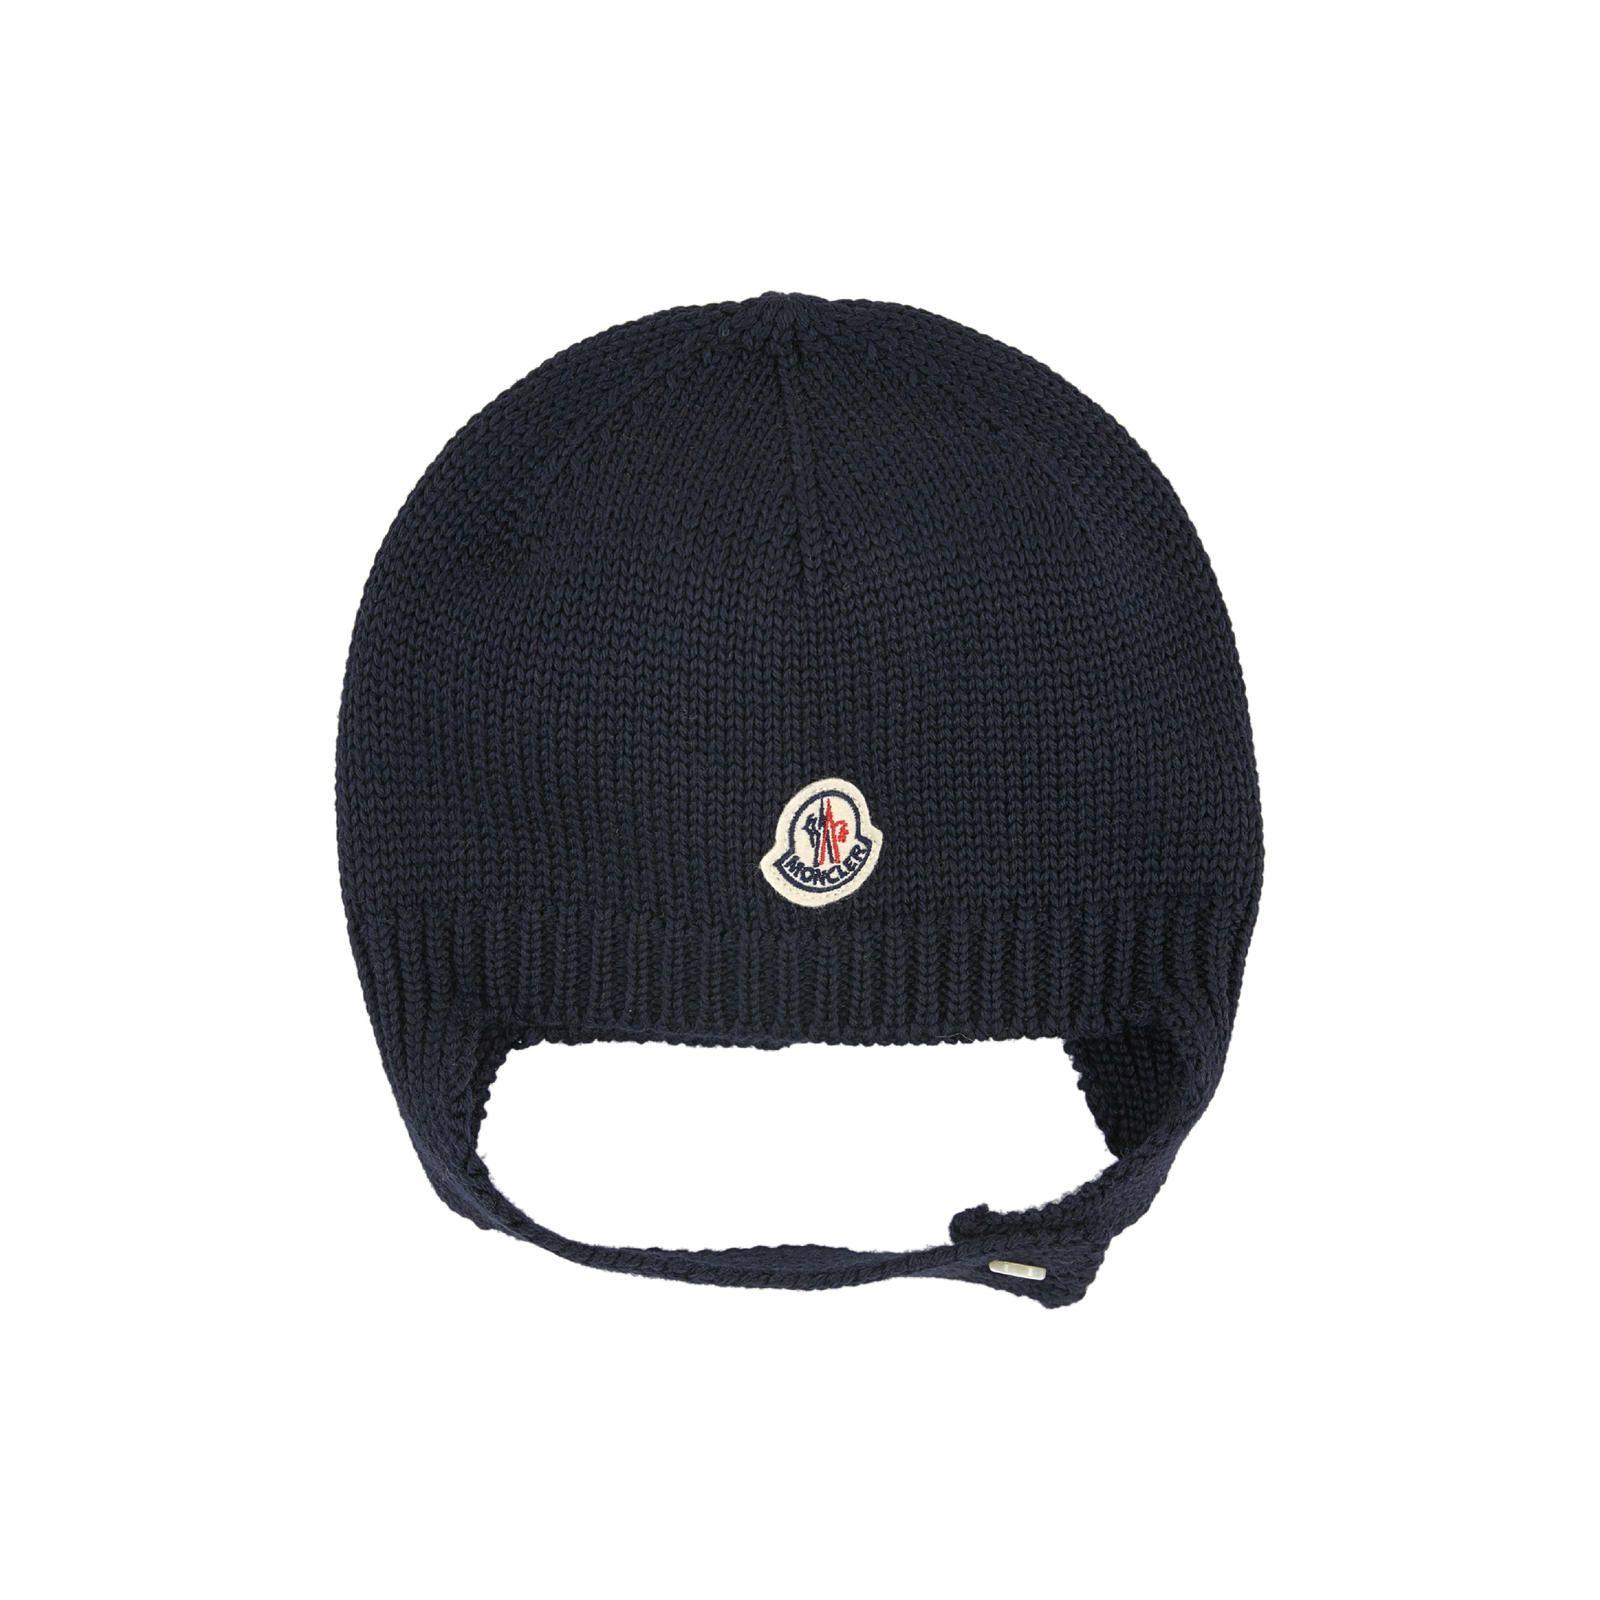 Moncler - Wool hat